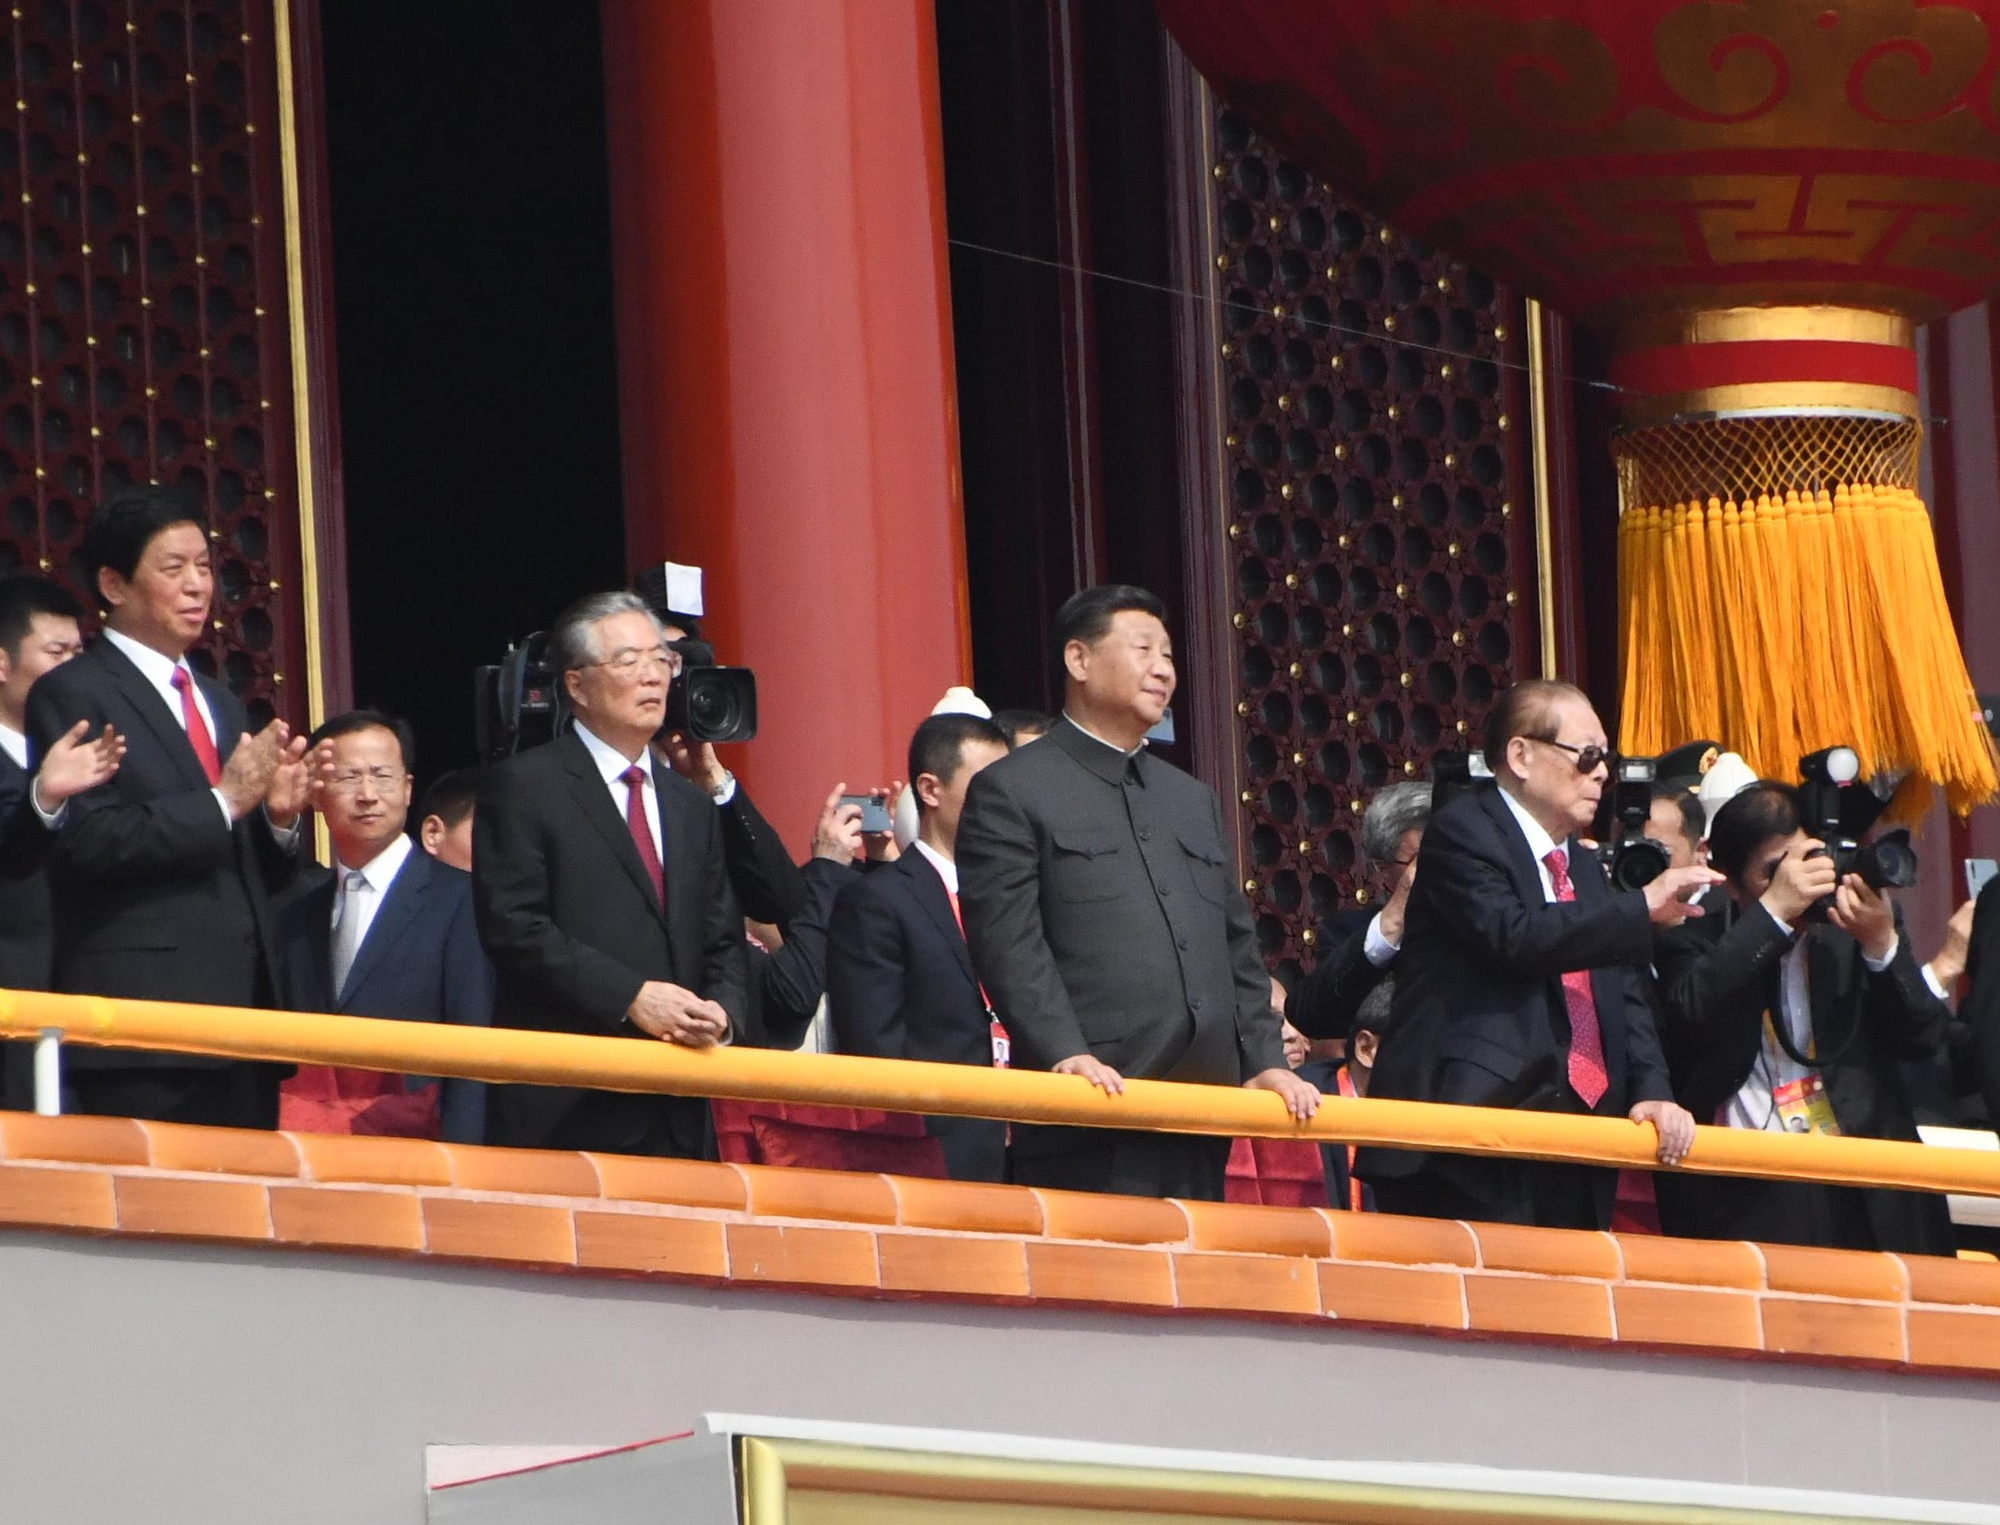 写真・図版 : 中国建国70年祝賀式典で、軍事パレードを見守る習近平氏。右は江沢民氏(2019年、天安門で)